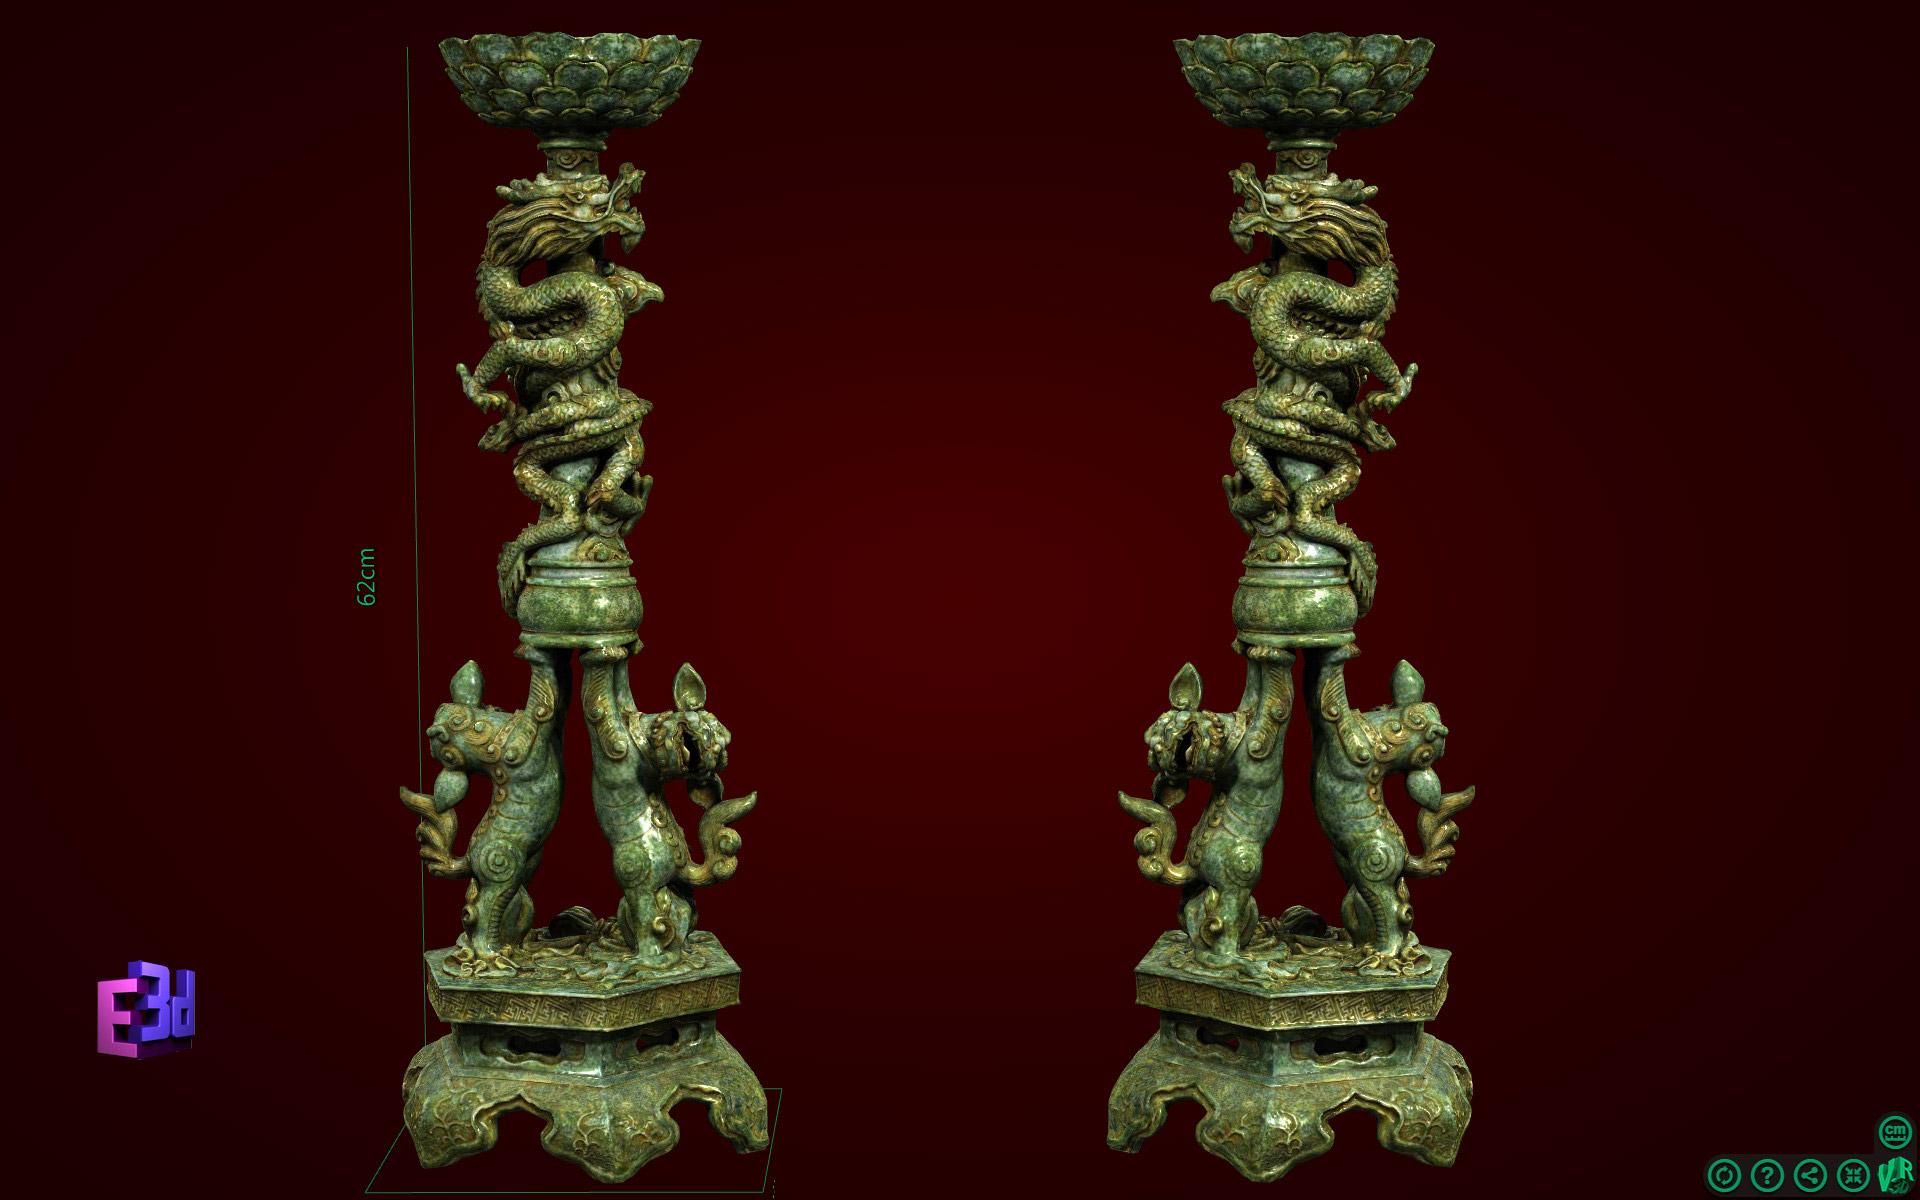 Trang trí bàn thờ - Đôi chân nến